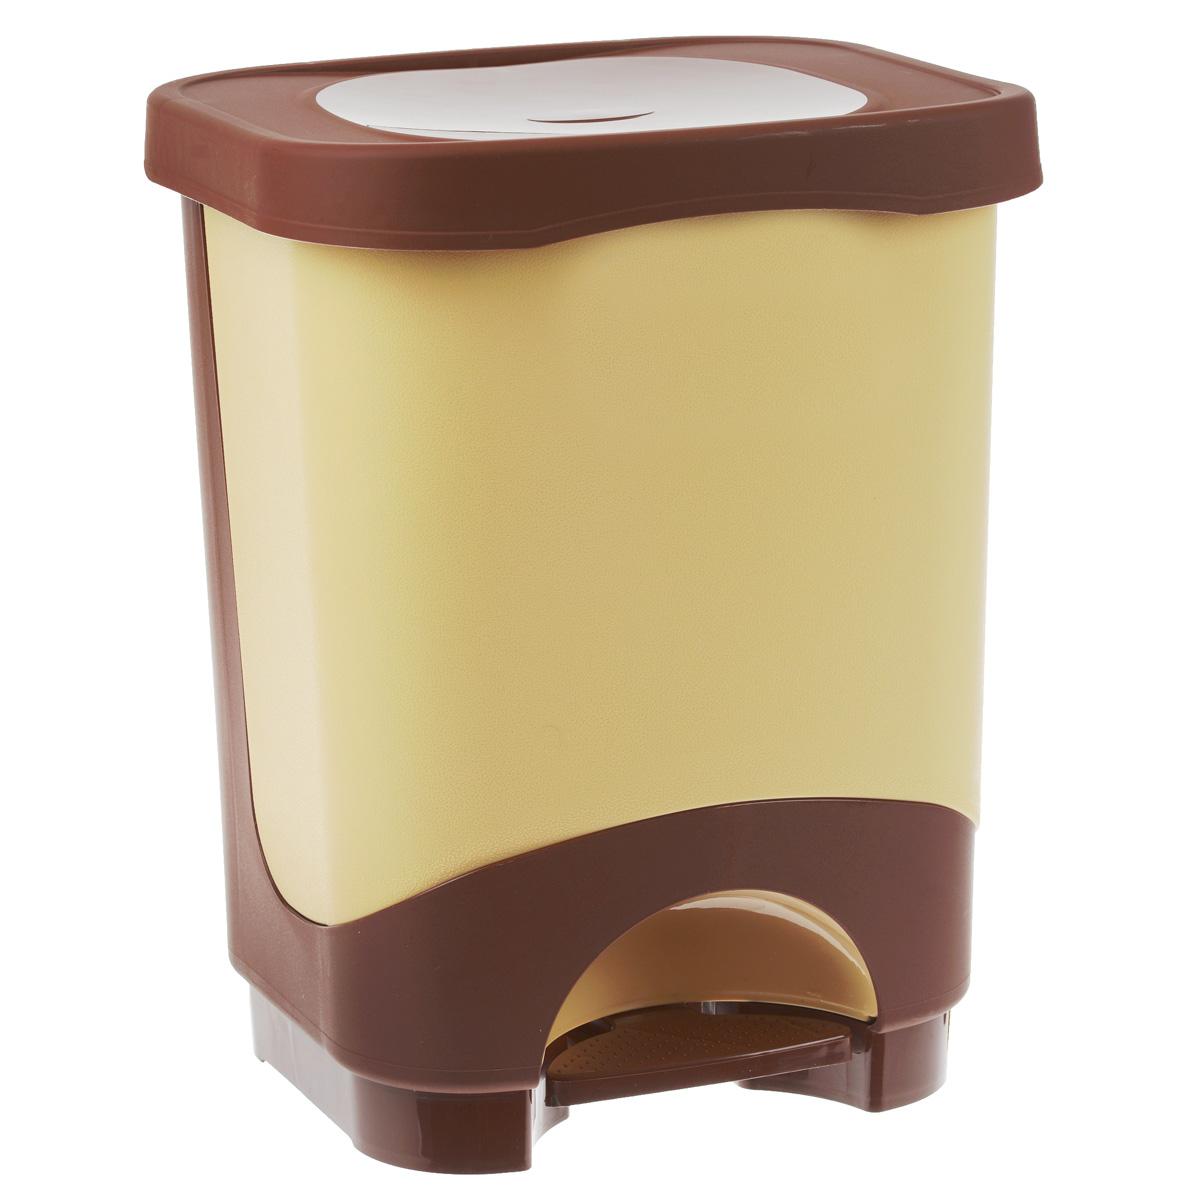 Мусорное ведро Эльфпласт Бинго, с педалью, цвет: бежевый, коричневый, 18 лPANTERA SPX-2RSМусорное ведро Эльфпласт Бинго изготовлено из прочного пластика. Ведро оснащено съемным контейнером, что позволит удобно выносить мусор и поддерживать чистоту. С помощью специальной педали не нужно открывать крышку руками, она поднимается сама. Ведро компактное, практичное и функциональное. Идеальный вариант для любых помещений: ванны, кухни, туалета.